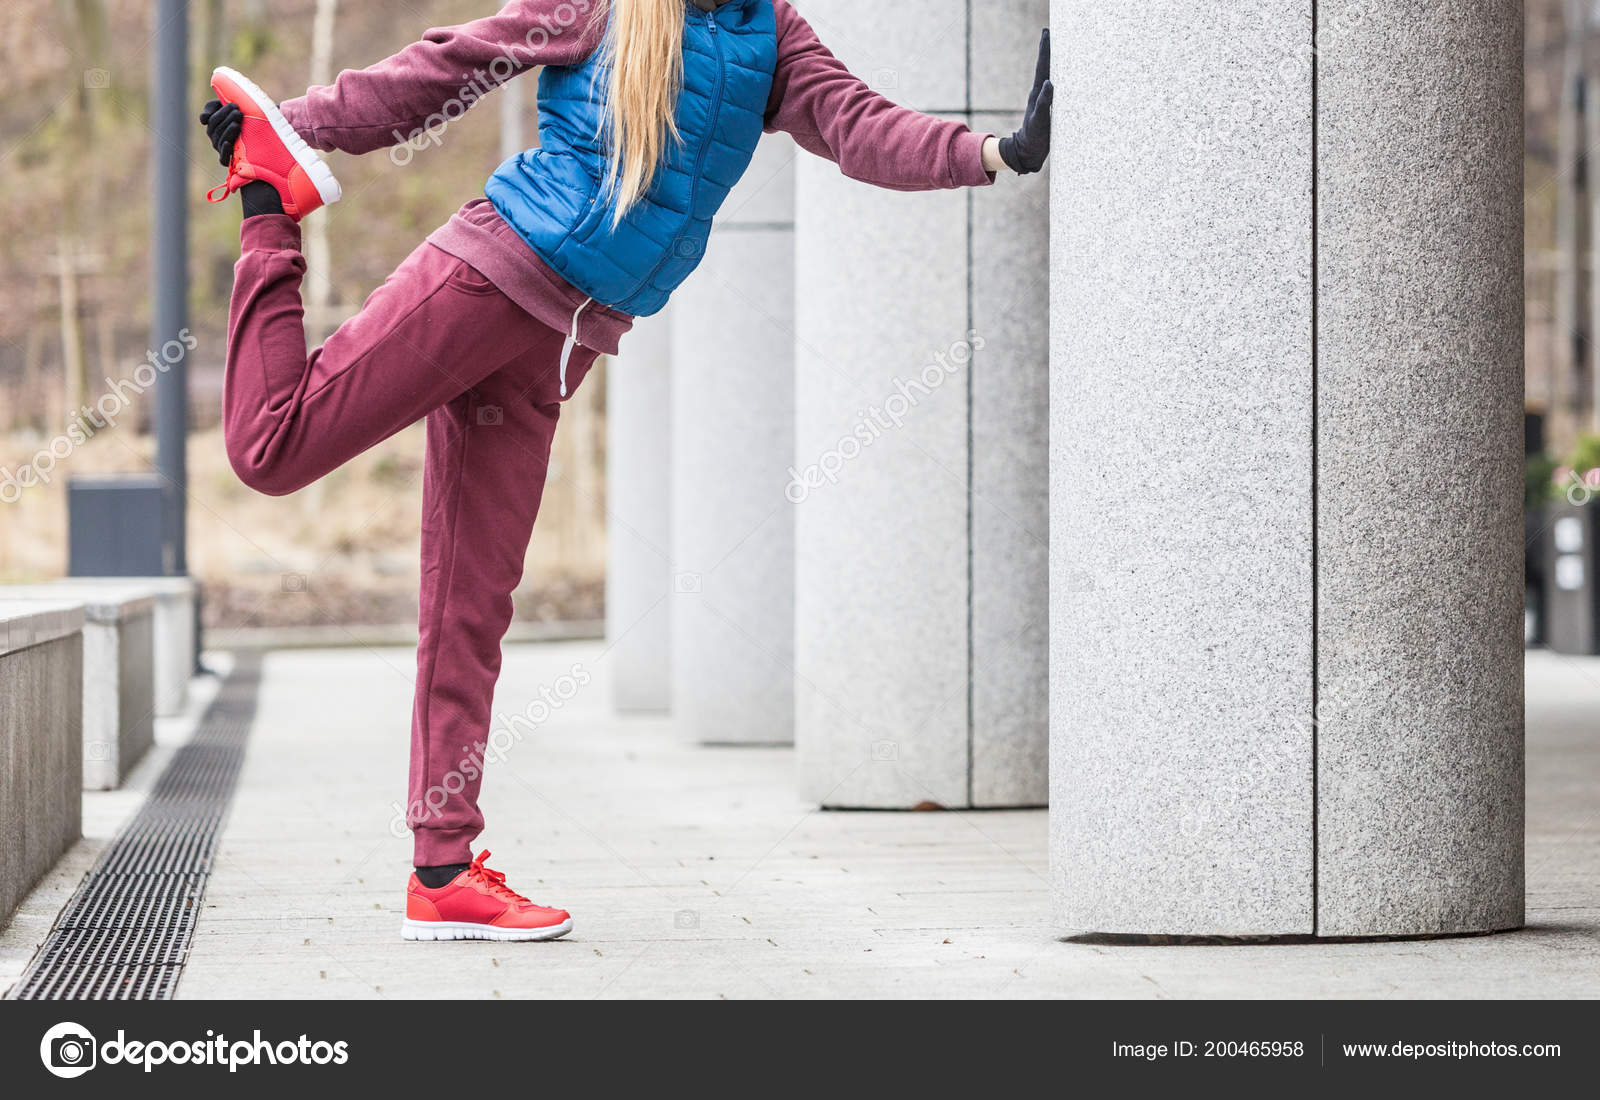 Ejercicios Deporte Aire Libre Ideas Outfit Deportivo Mujer Vestida ...